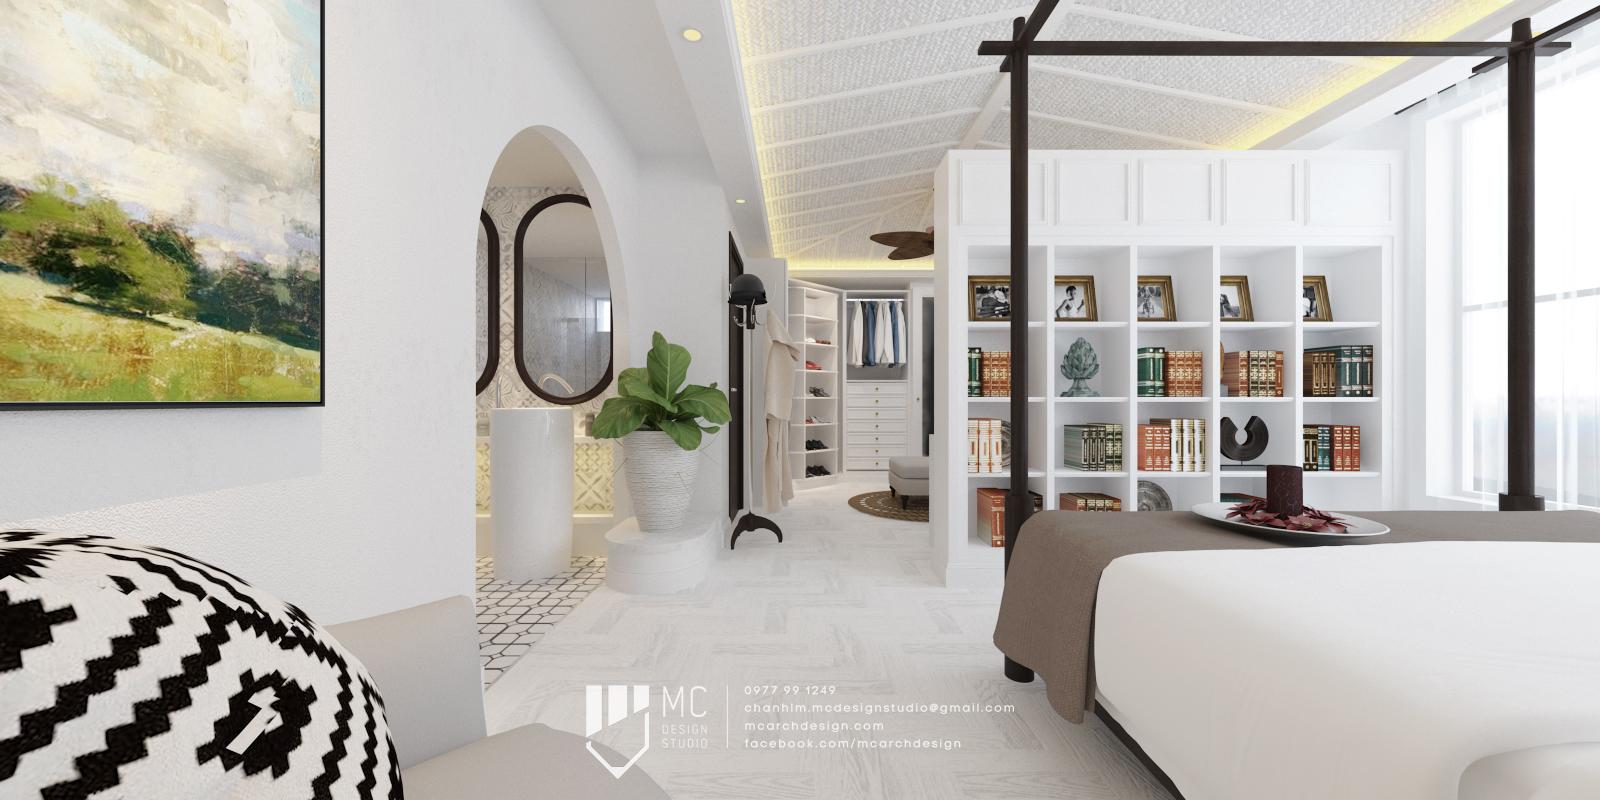 Thiết kế nội thất Chung Cư tại Hồ Chí Minh RIVIERA POINT - 4BS1 1588587334 8